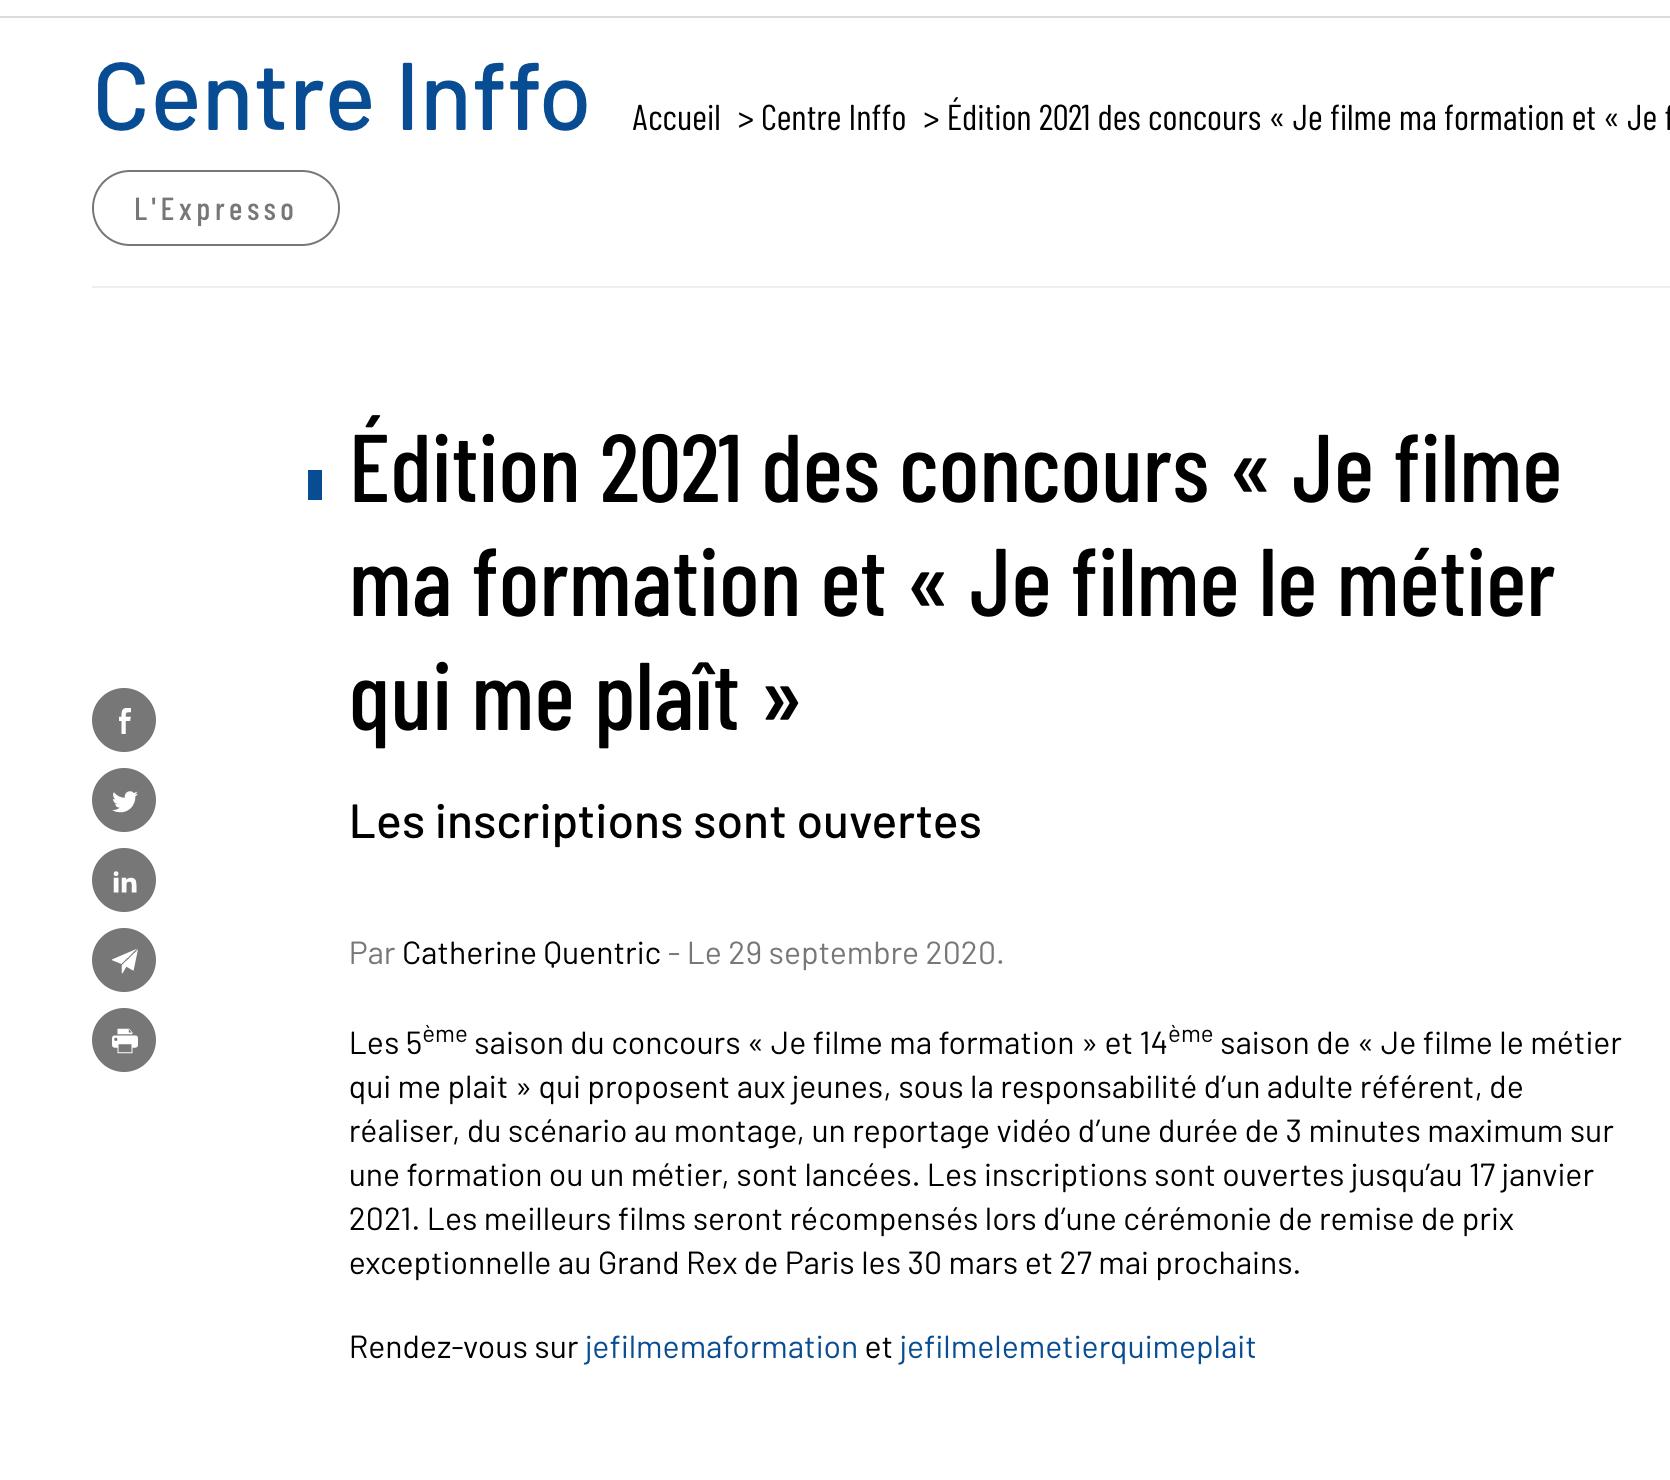 Centre-Inffo-29/09/2020